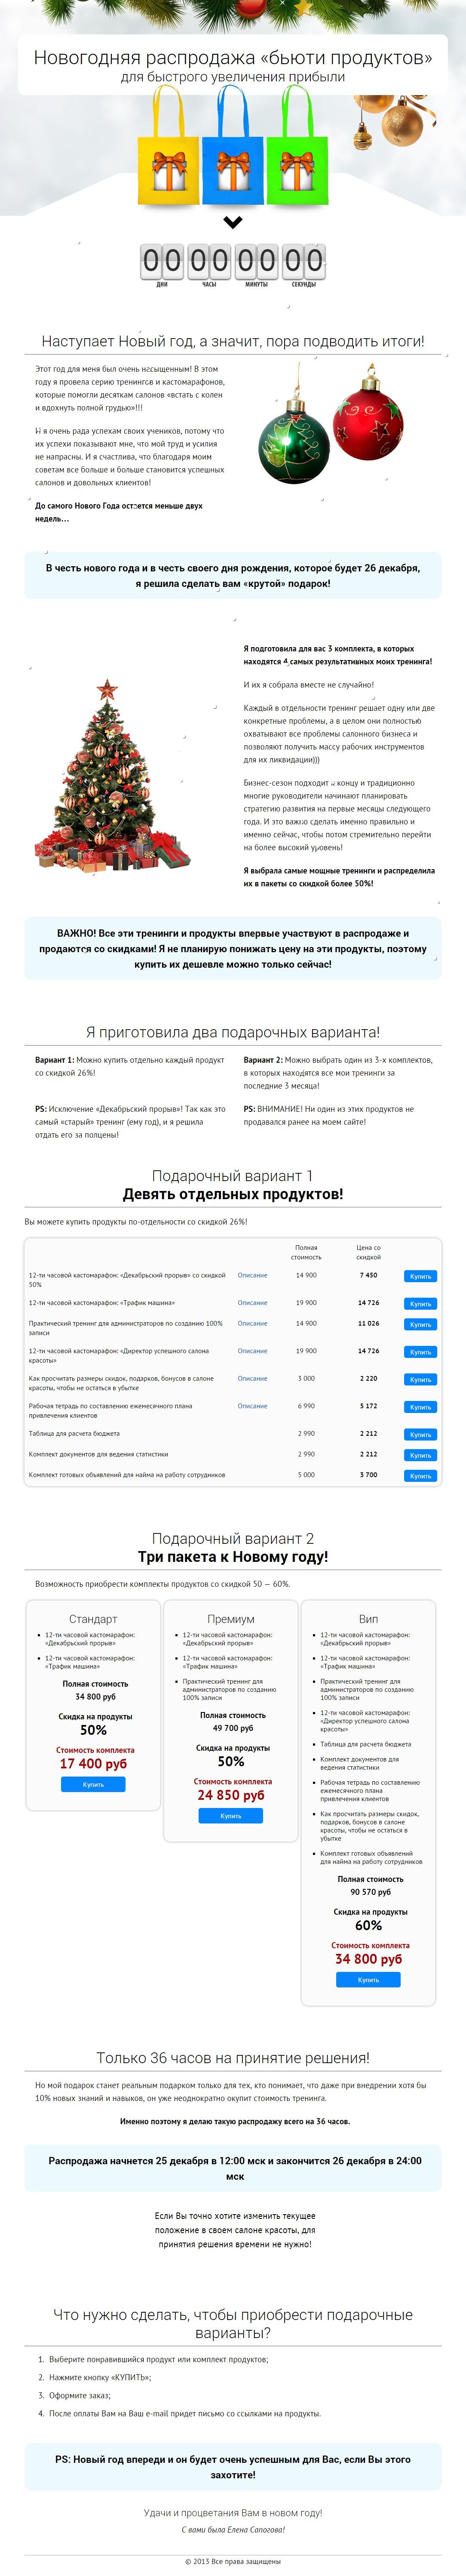 Промо-сайт новогодней распродажи для Елены Сапоговой